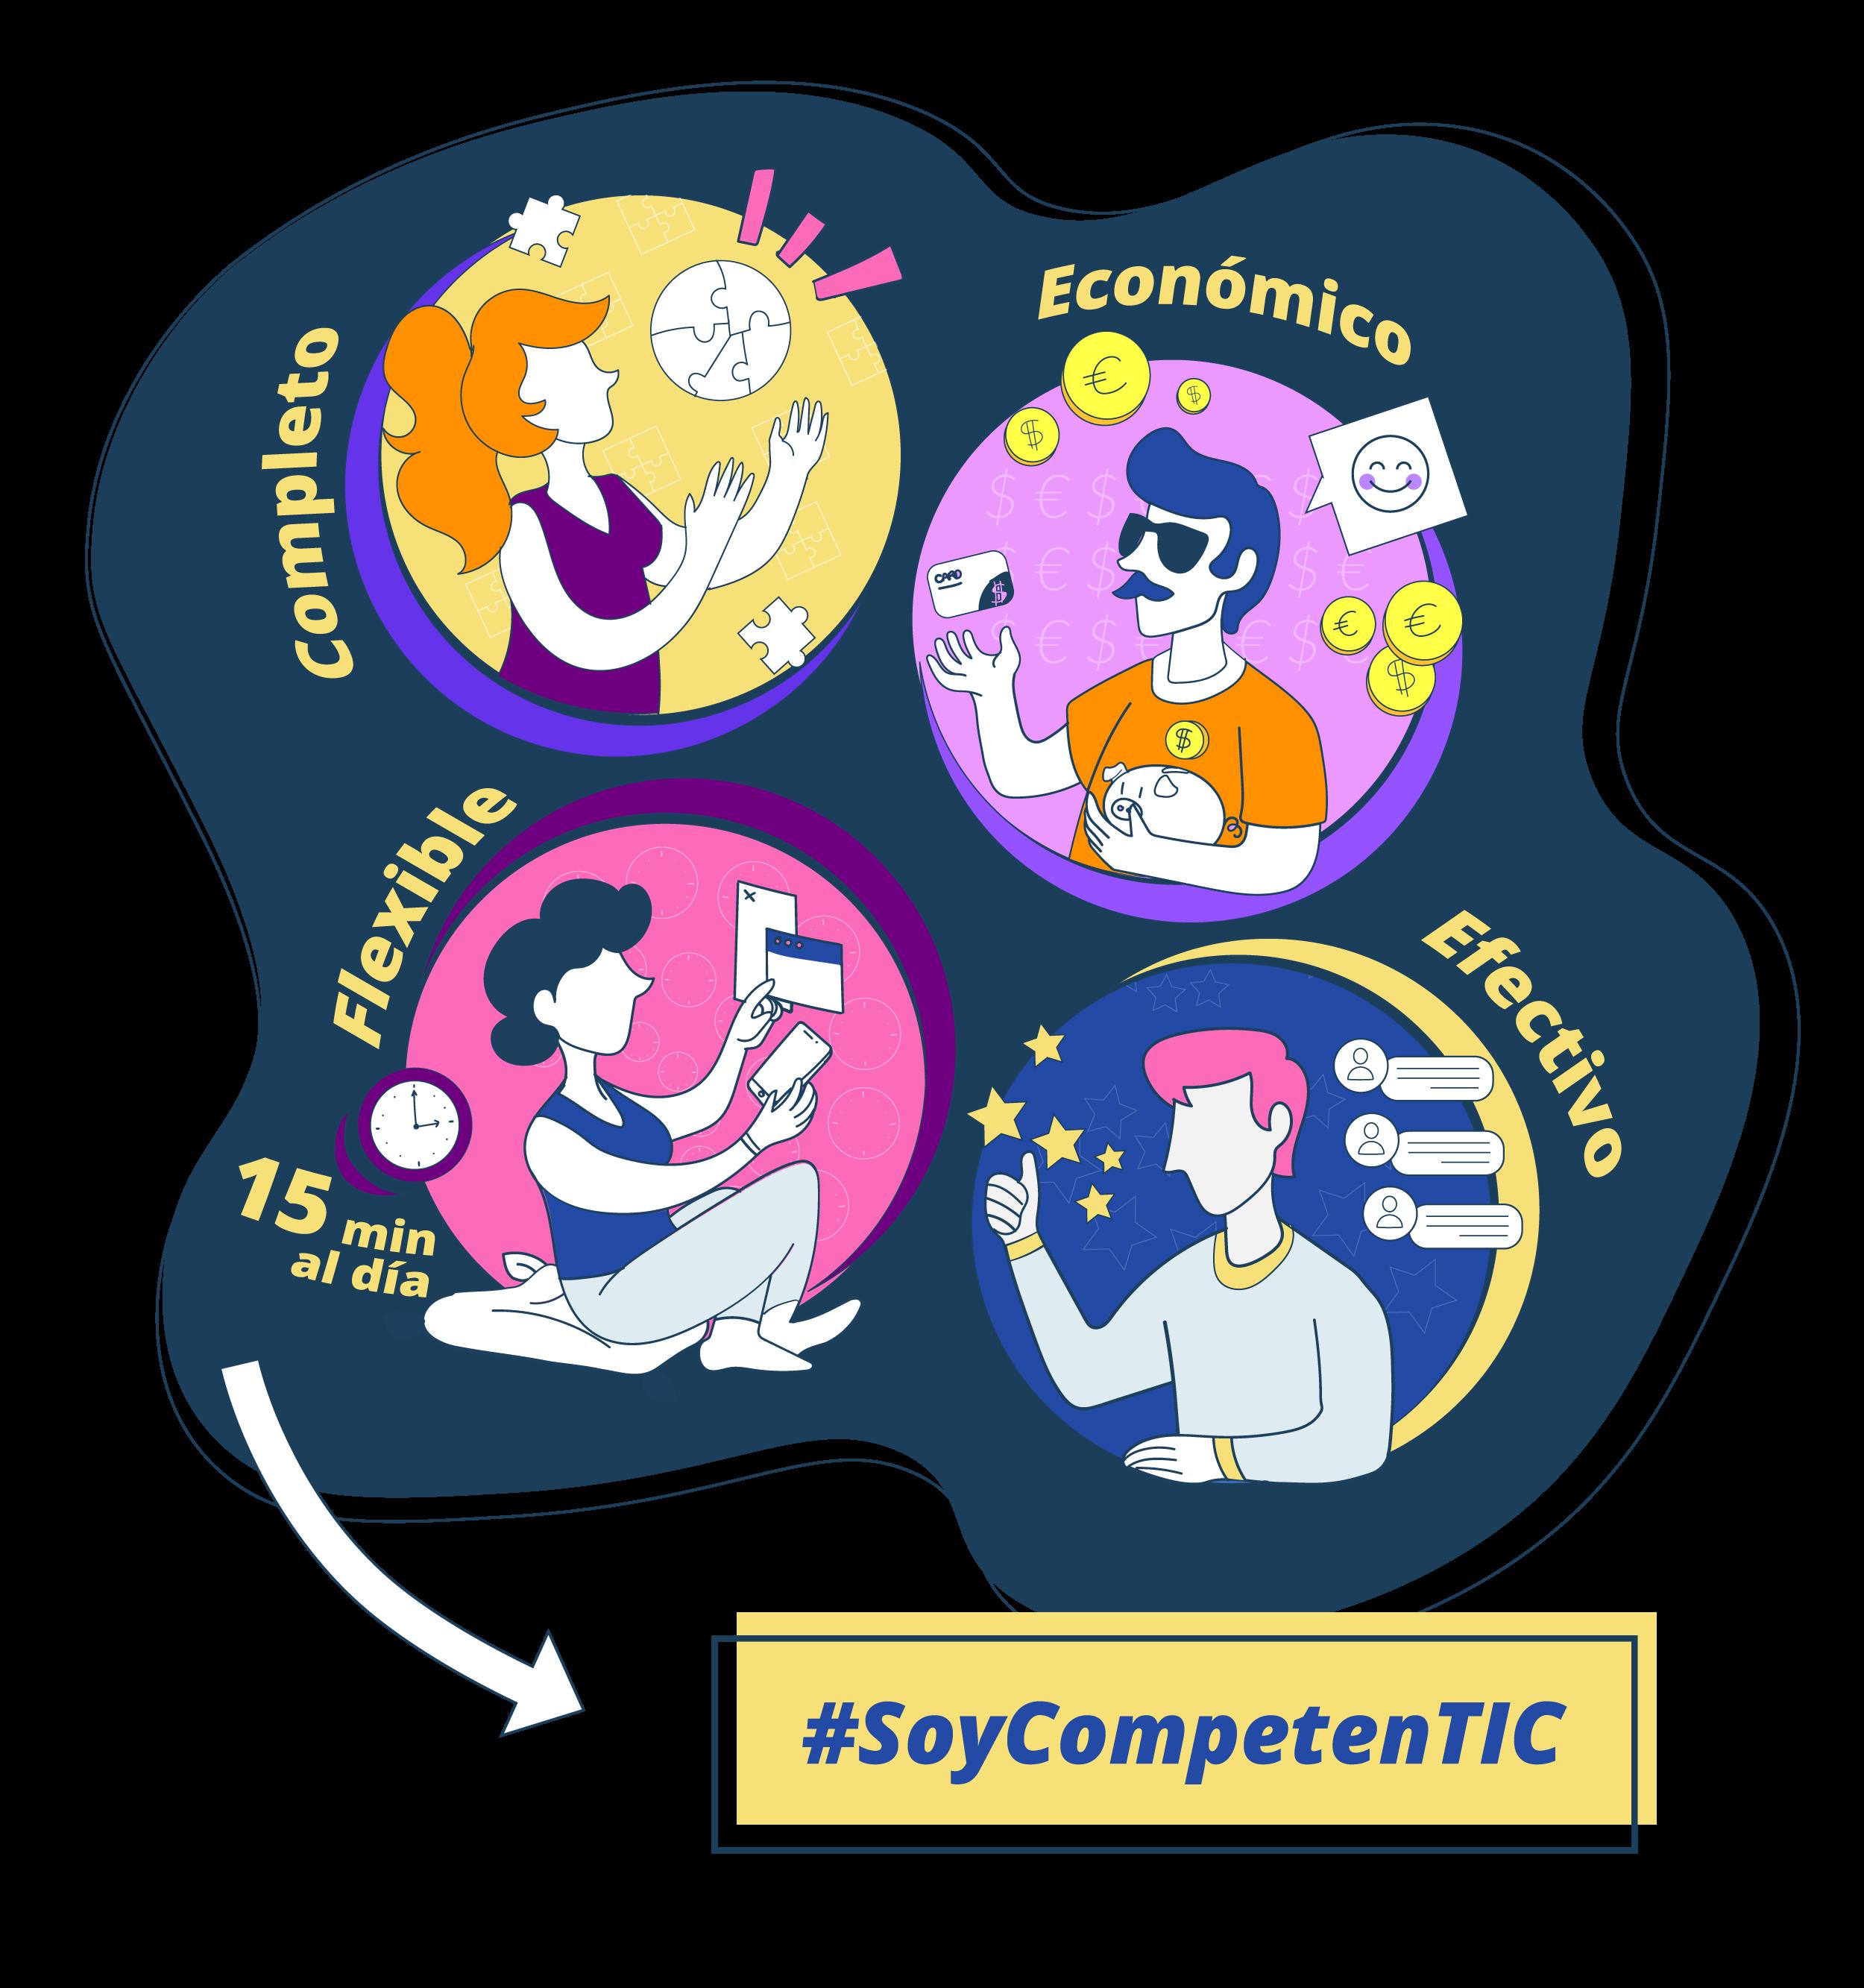 Avanza en tus competencias digitales competentes